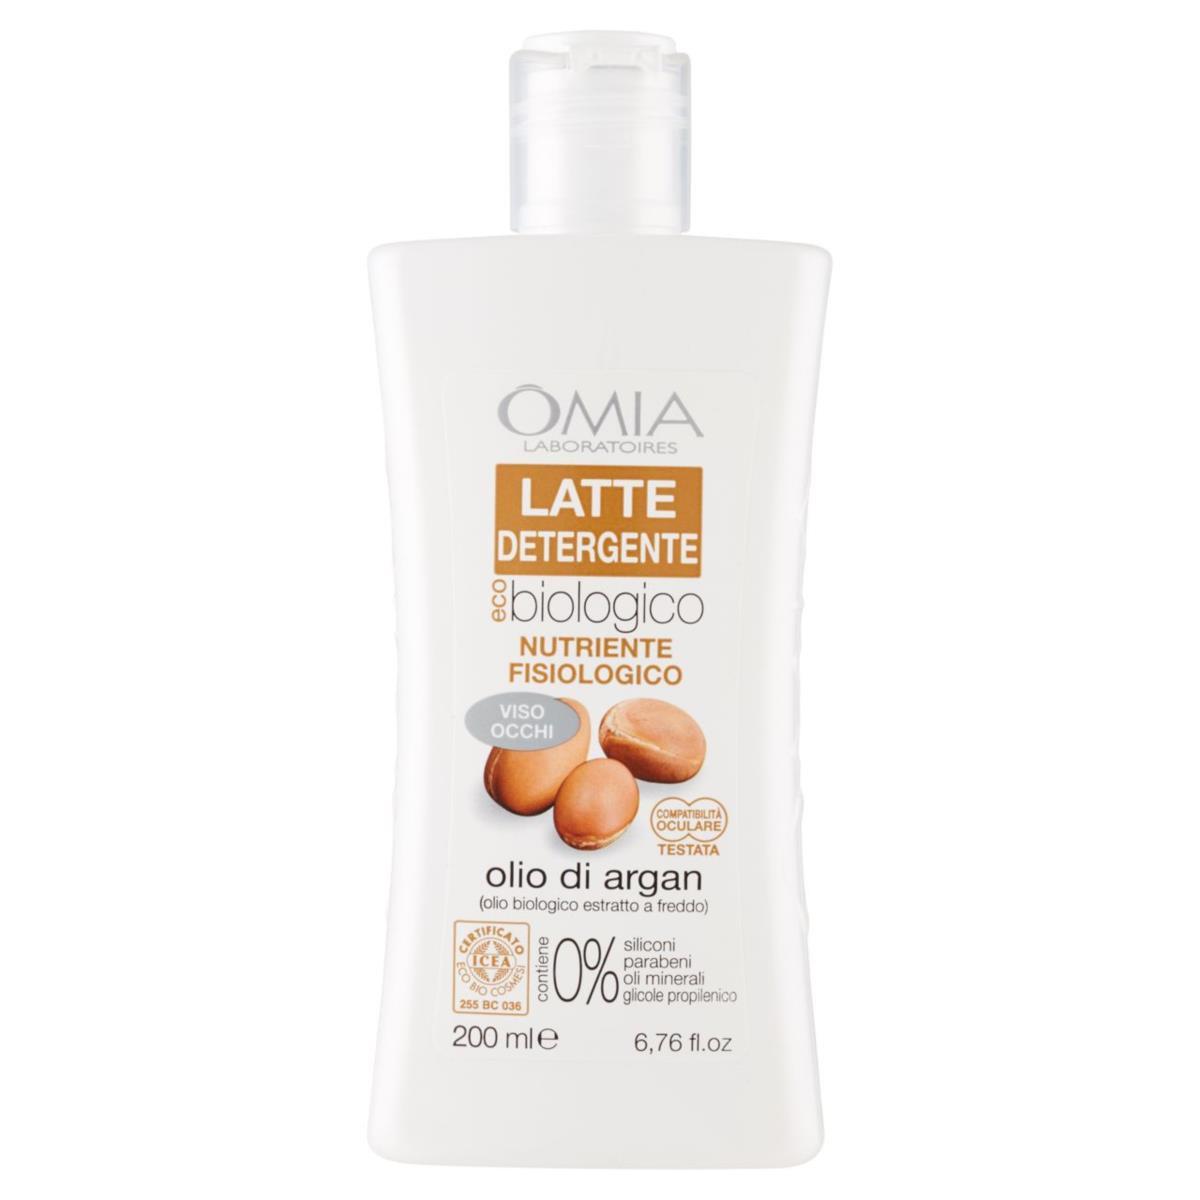 Omia EcobioVisage latte detergente olio di argan ml 200